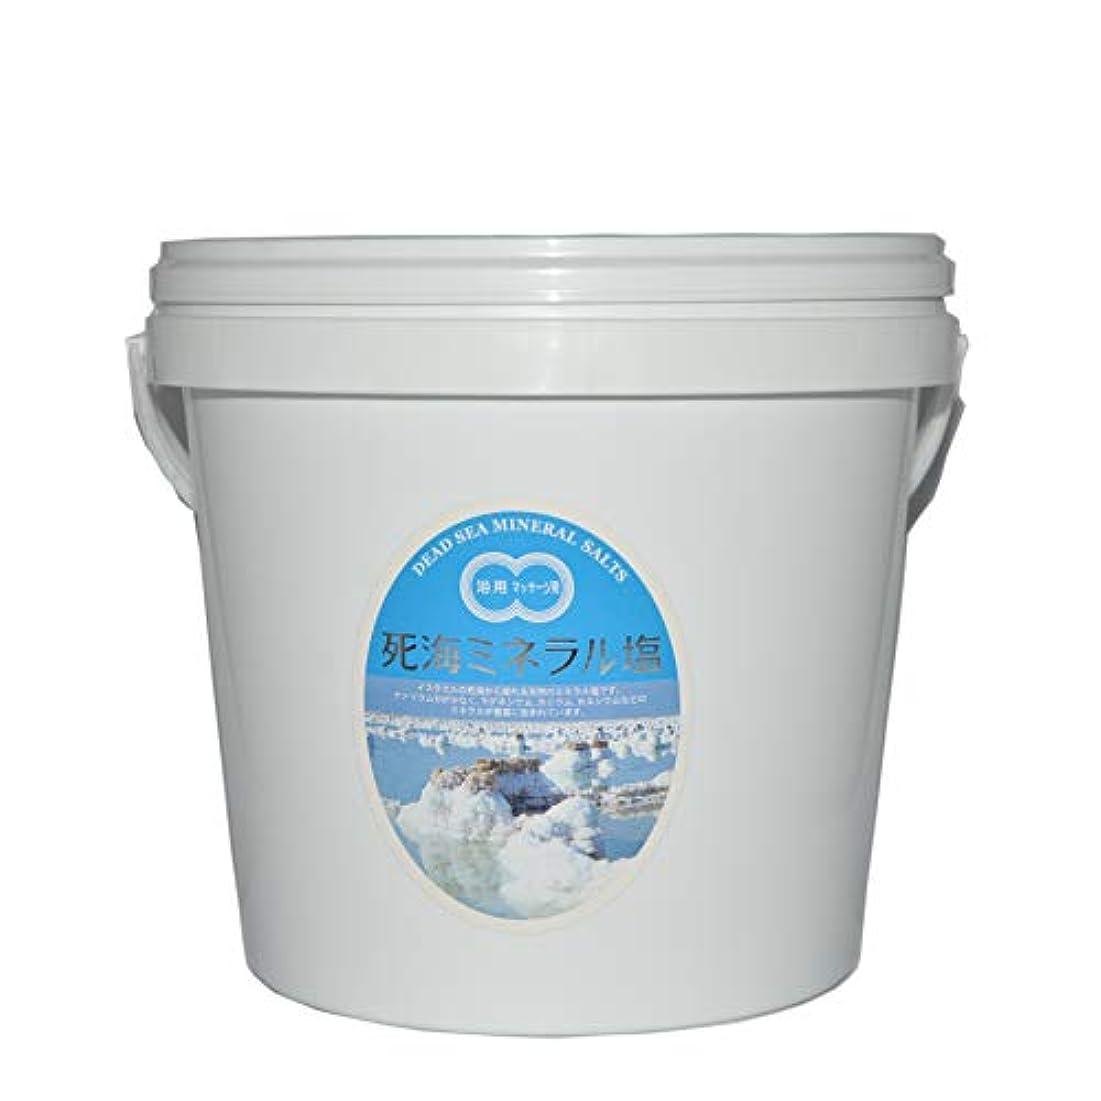 ピクニックアデレードメロディアス死海ミネラル塩5kgバケツ